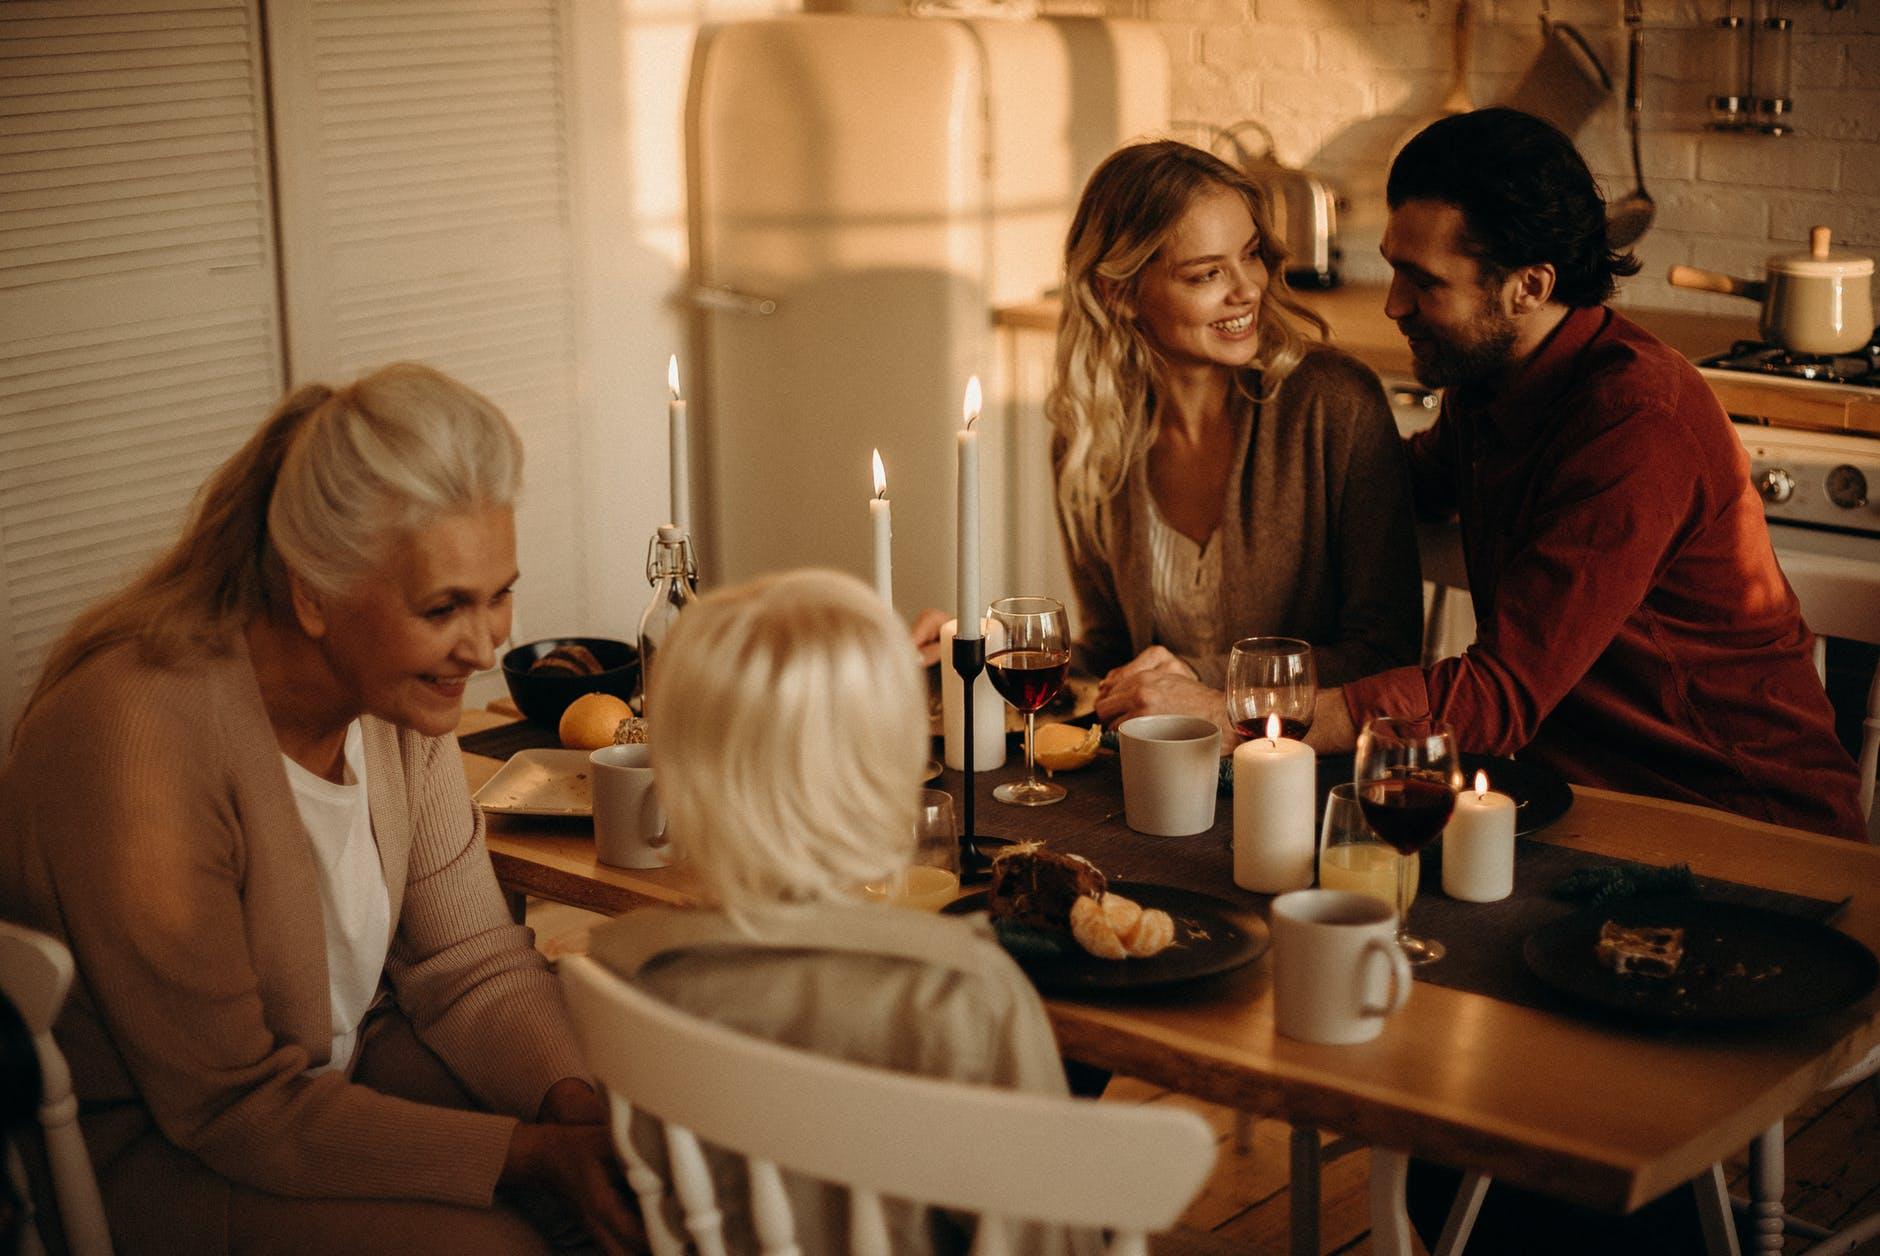 3 személyes ajándék, amivel meglephetjük a nagyszülőket